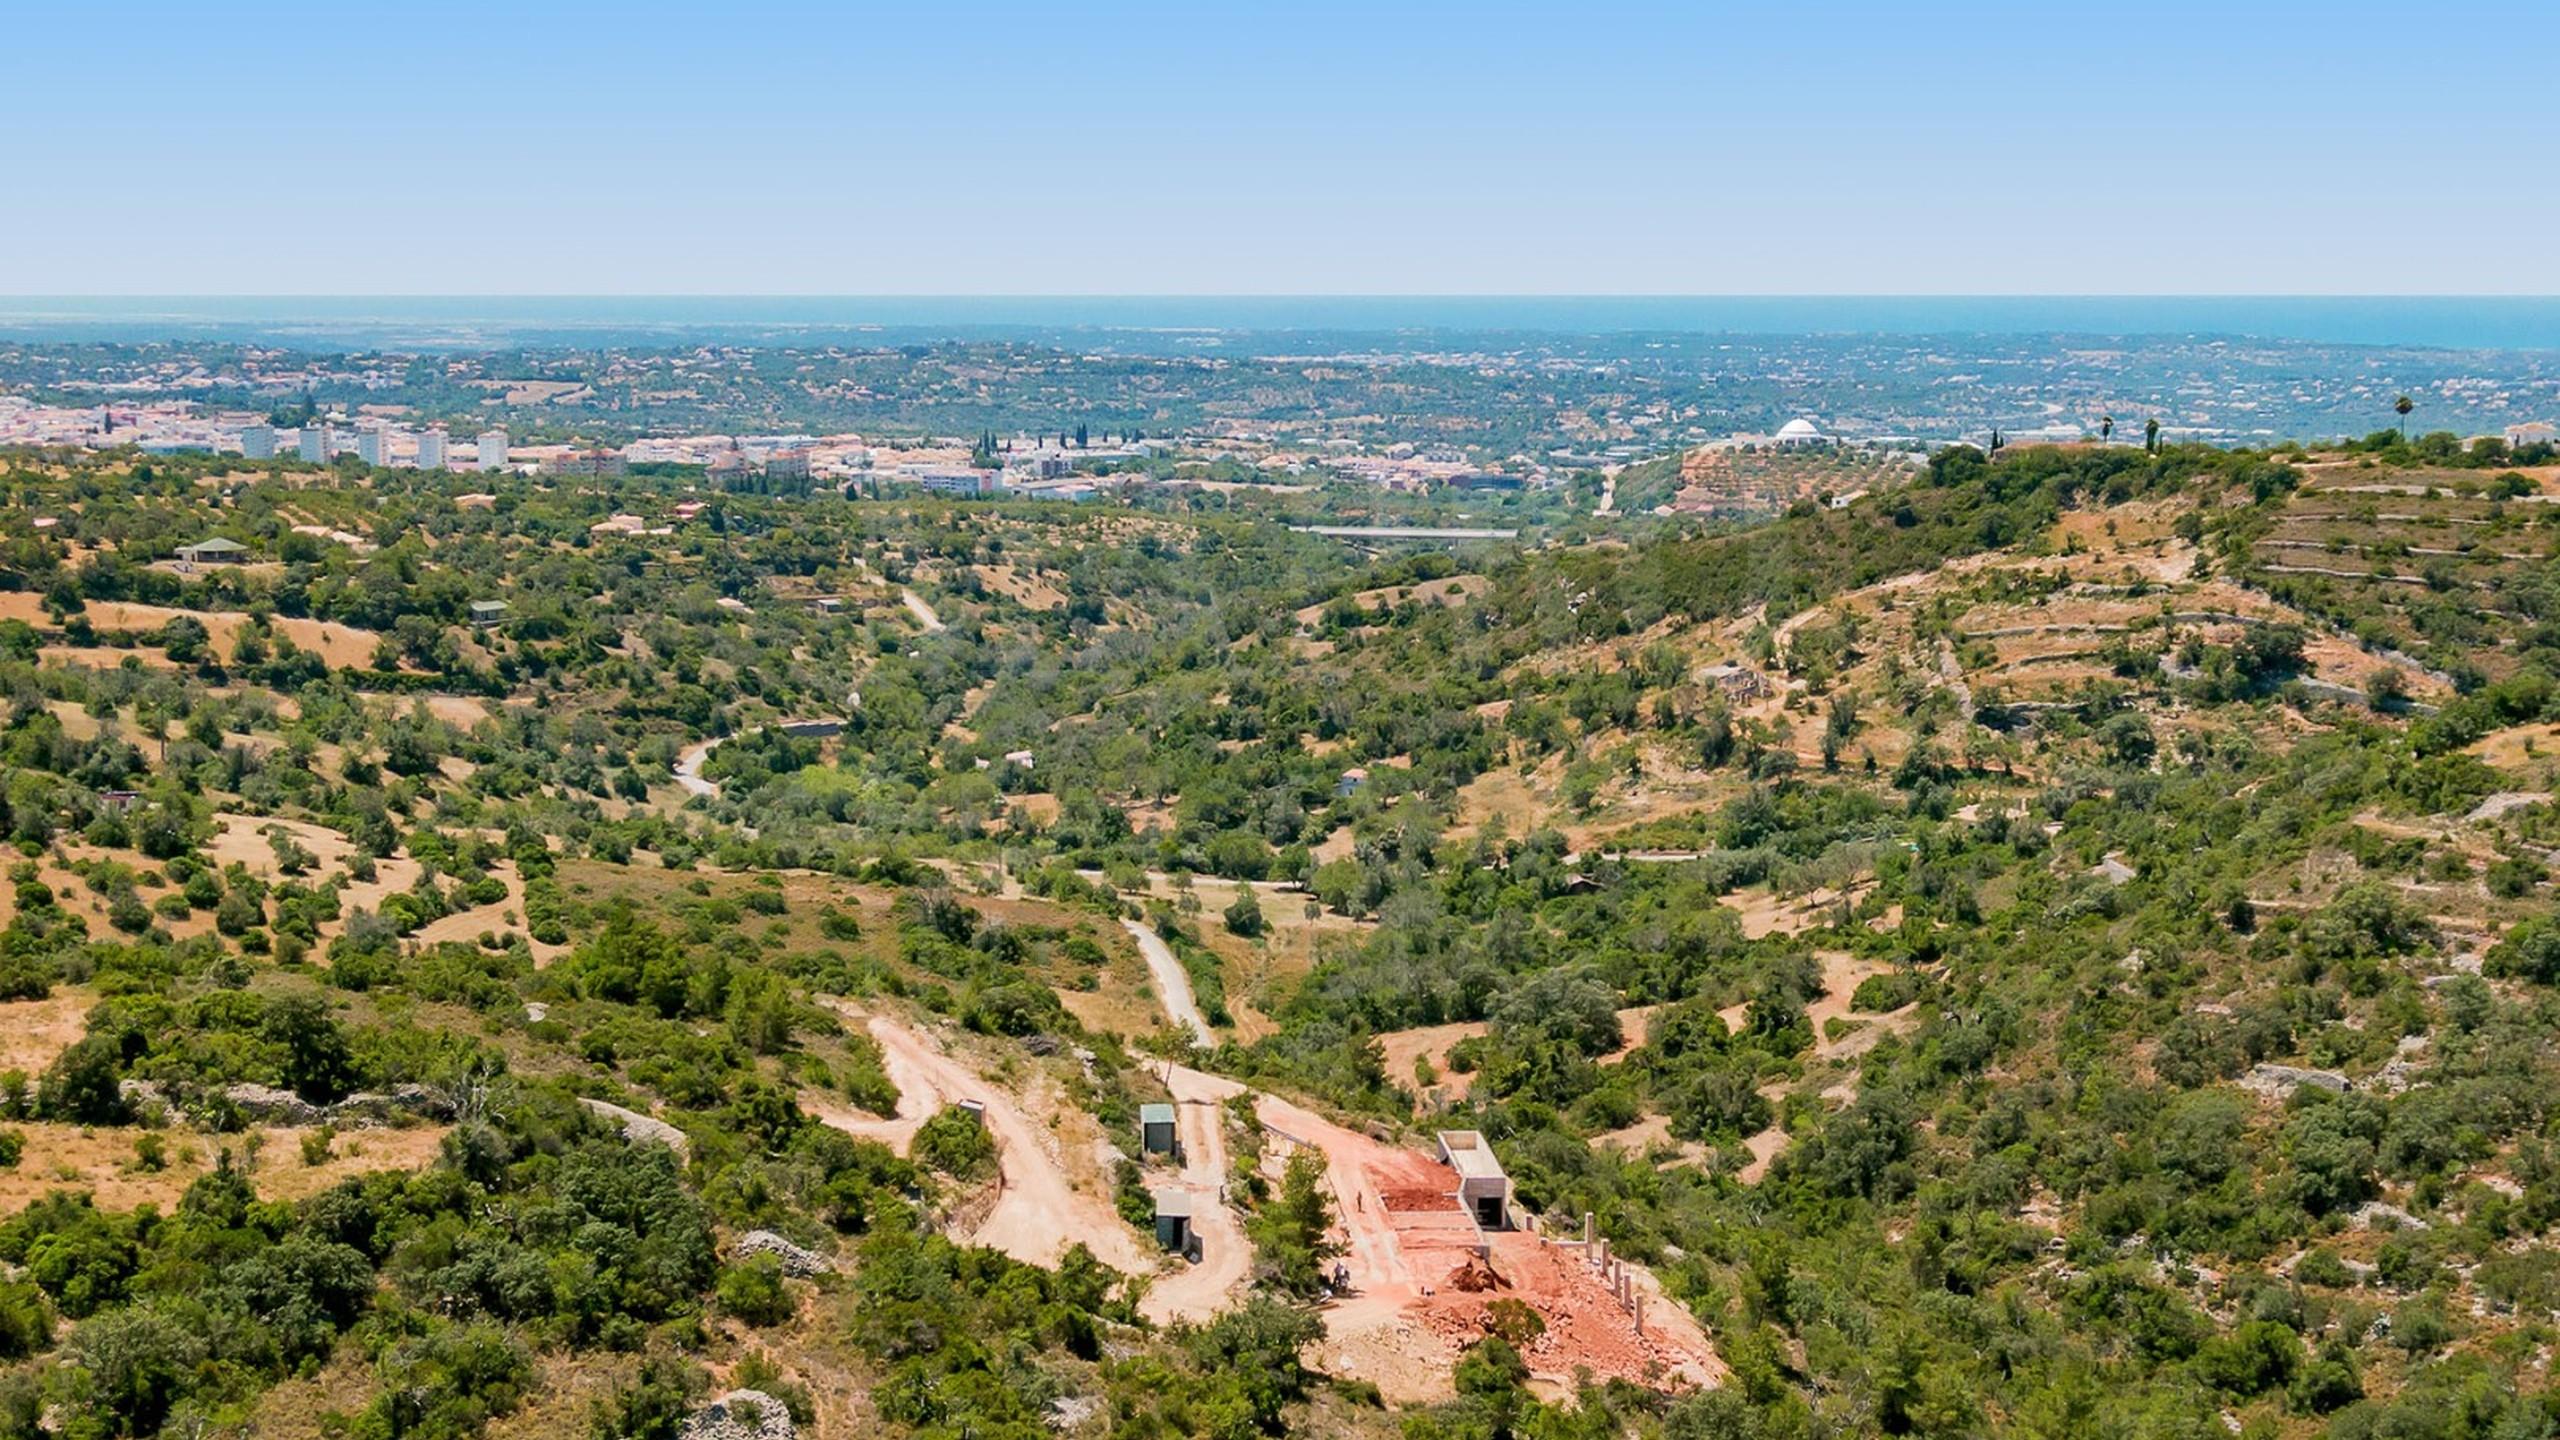 Moradia com vista deslumbrante para venda em Loulé, Algarve